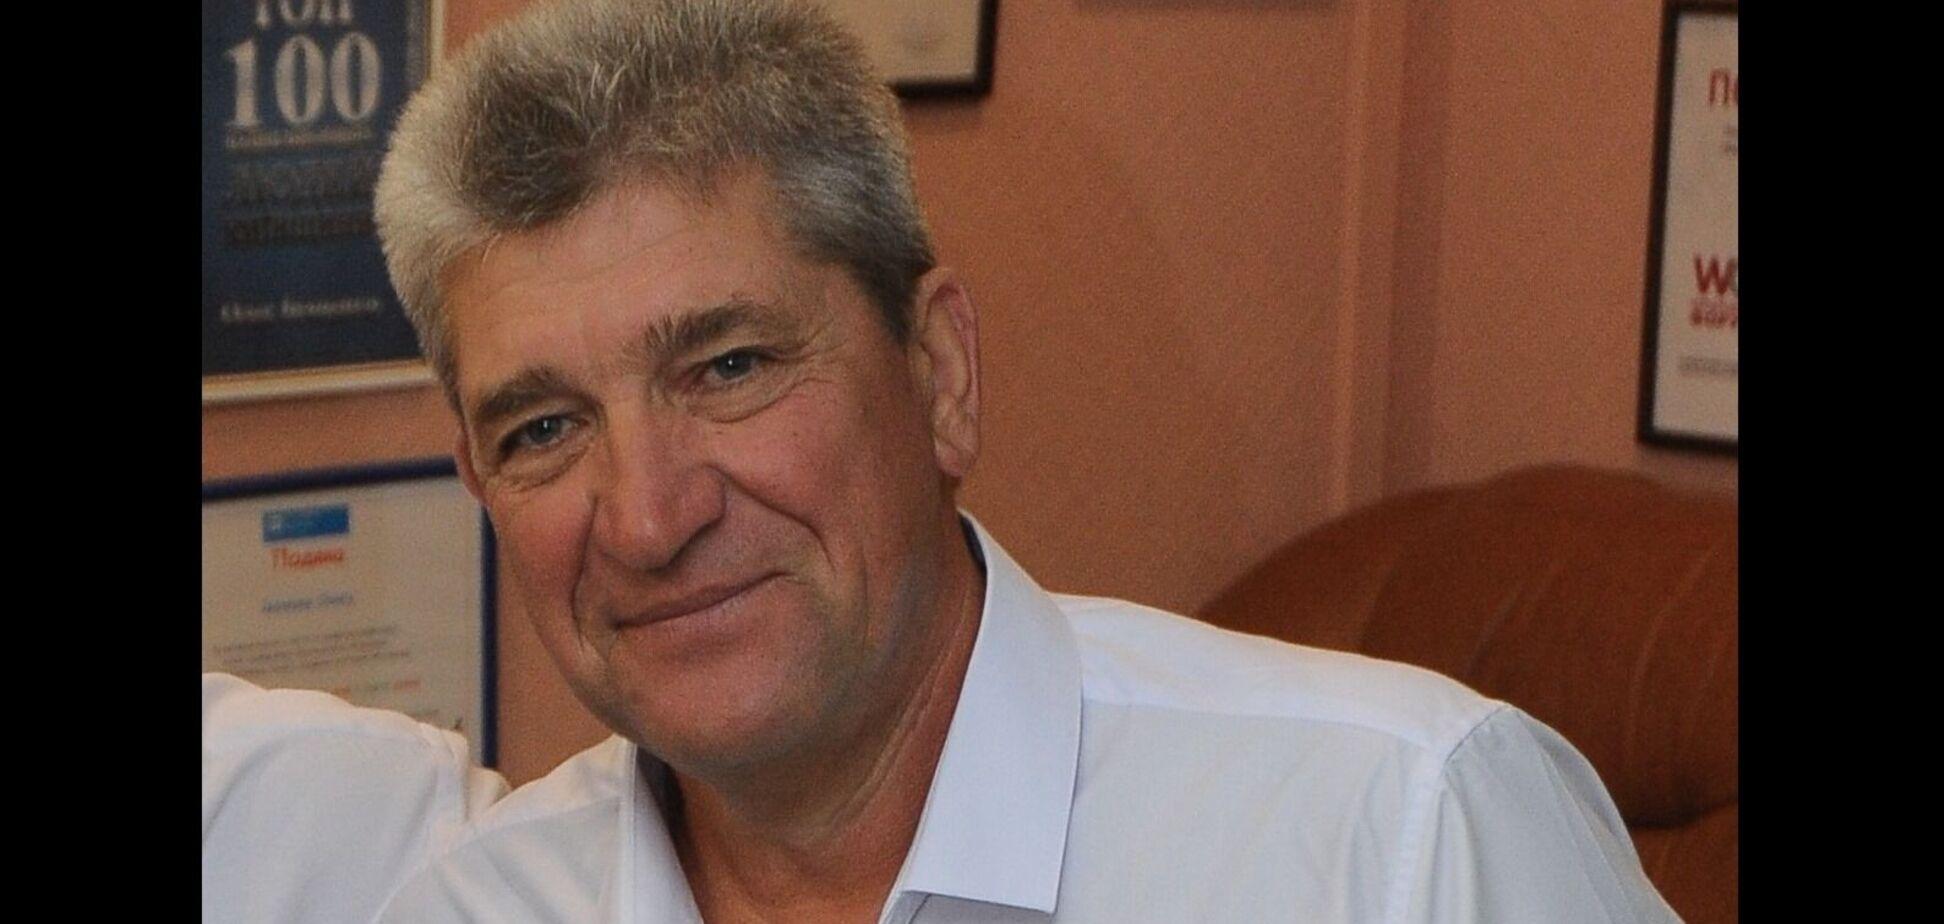 Від коронавірусу помер депутат, який балотувався на посаду мера Броварів